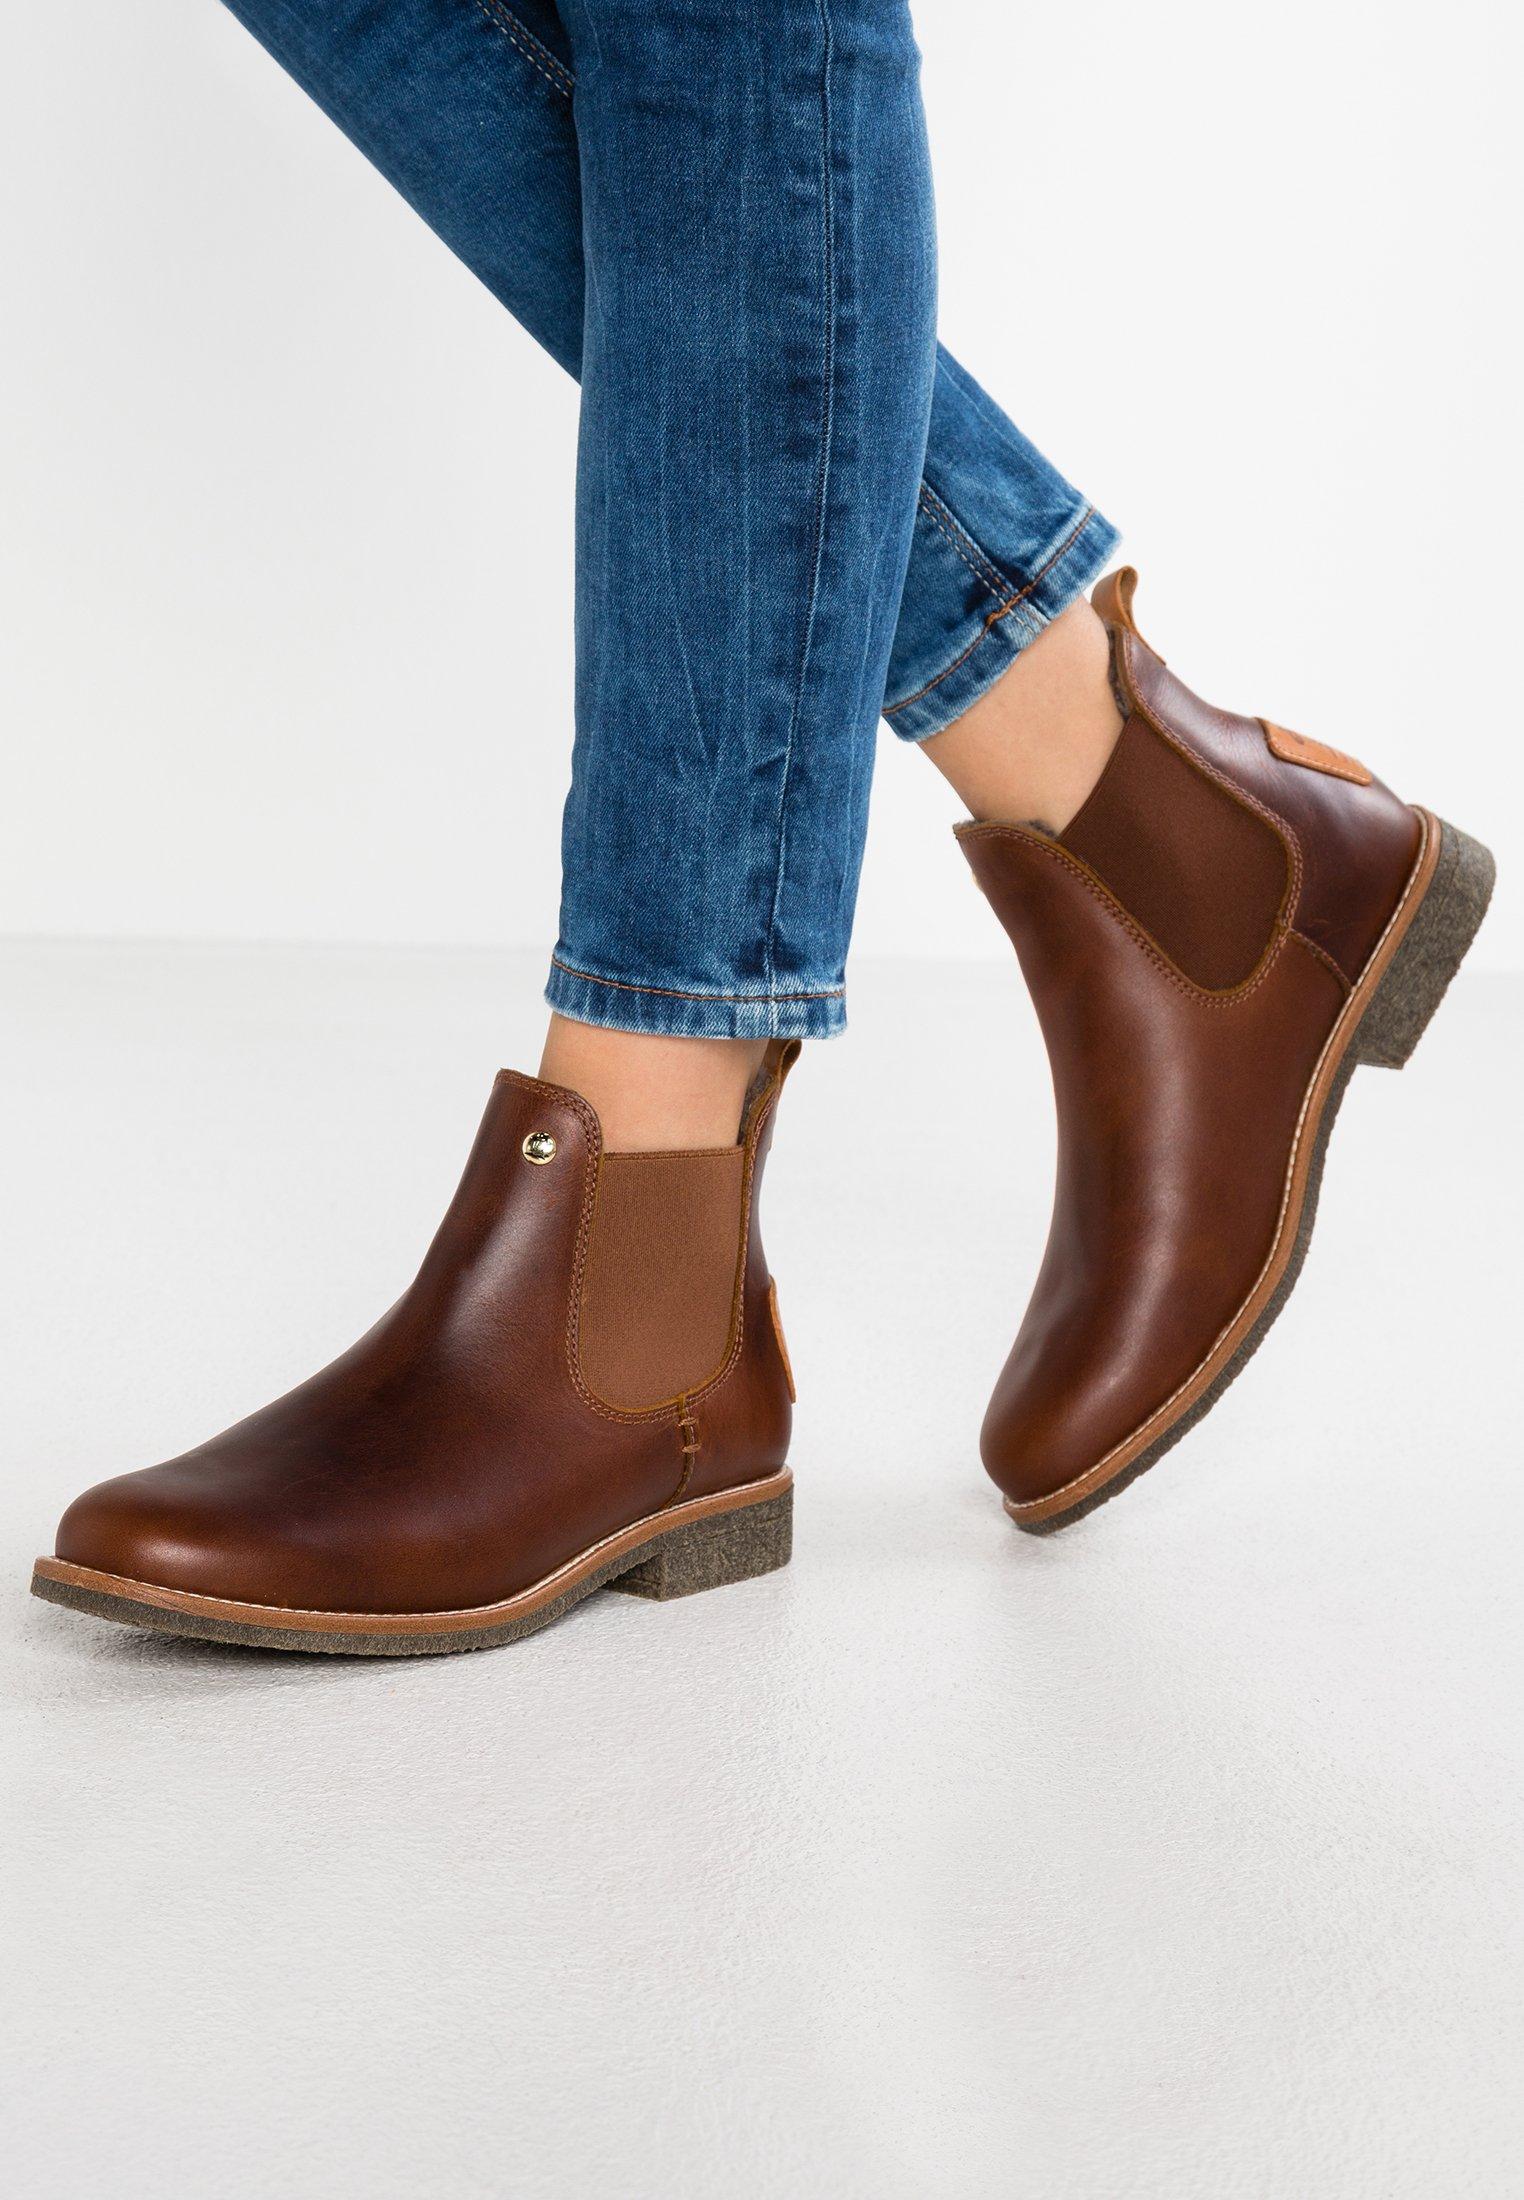 GIORDANA IGLOO TRAVELLING Ankle Boot bark